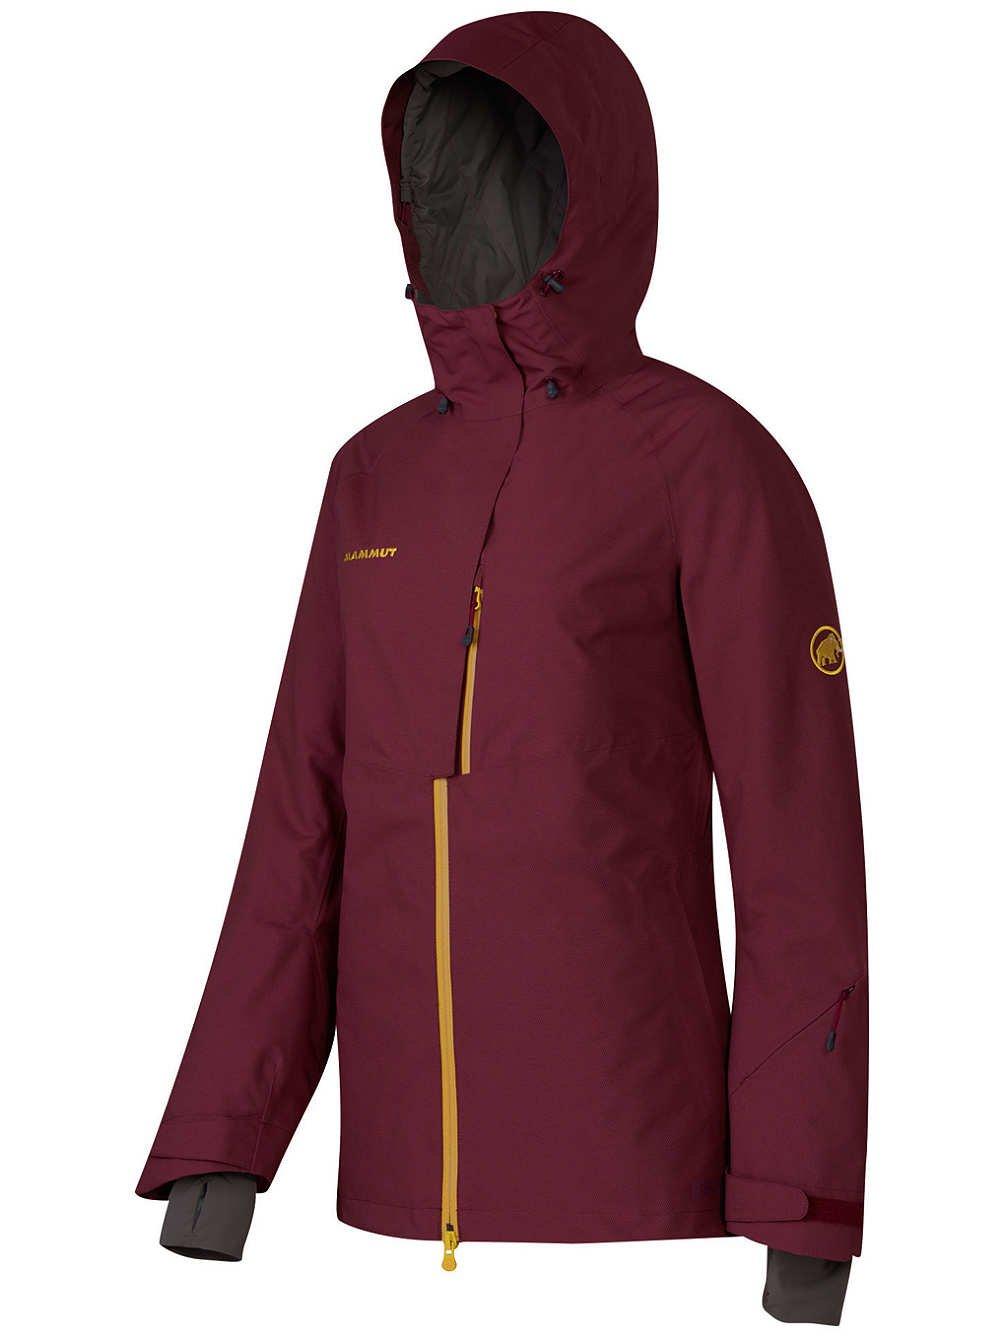 Mammut Alpette HS Hooded Women's Jacket bestellen